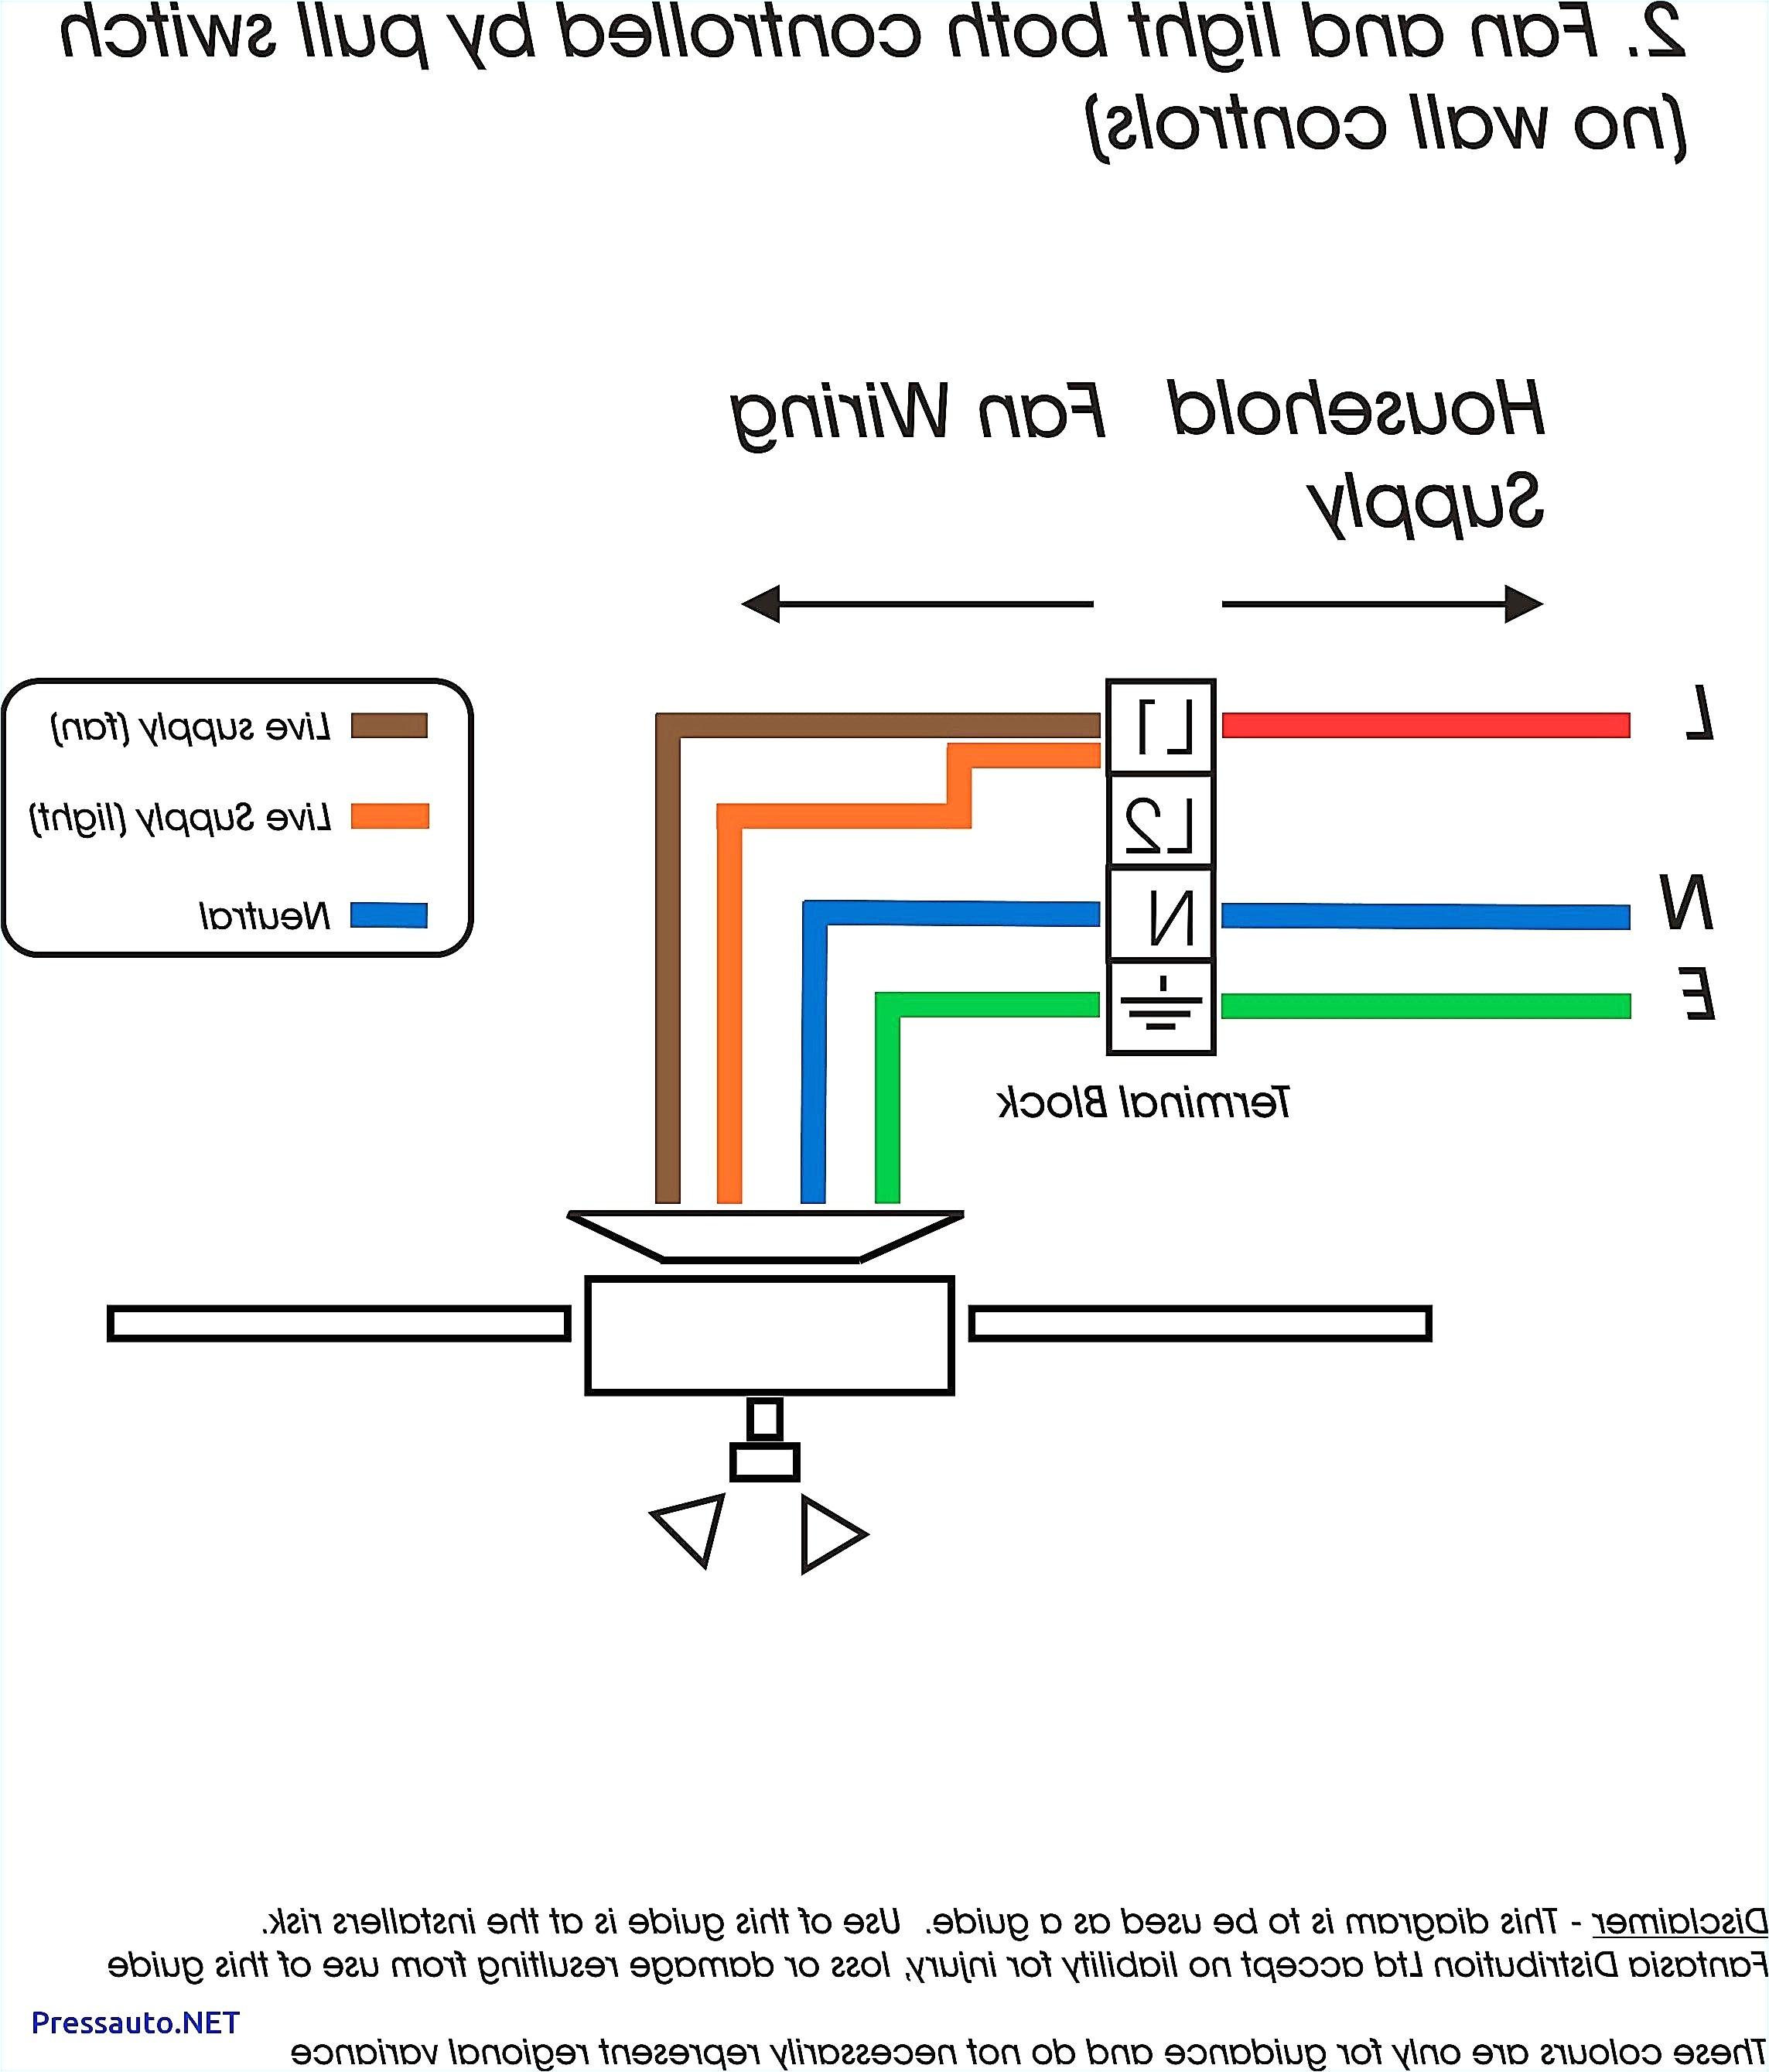 Smittybilt Winch Wiring Diagram Smittybilt Winch Wiring Diagram Fresh Spod Wiring Diagram Explained